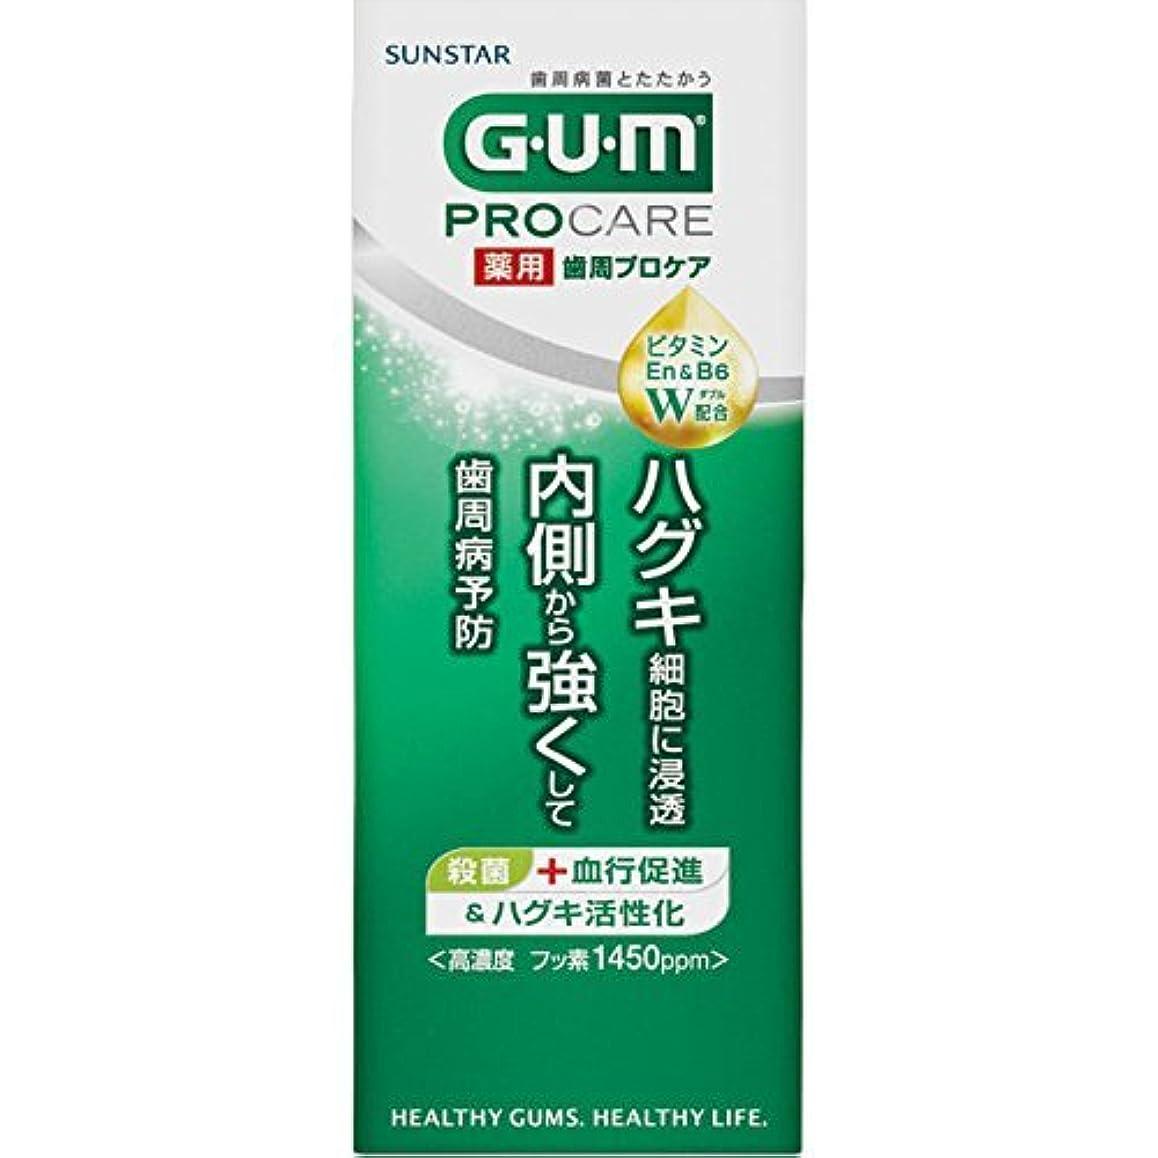 ゴミ箱ペンフレンドメルボルン[医薬部外品] GUM(ガム) 歯周プロケア 歯みがき ミニサイズ トライアル 50g <歯周病予防 ハグキケア 高濃度フッ素配合 1450ppm>